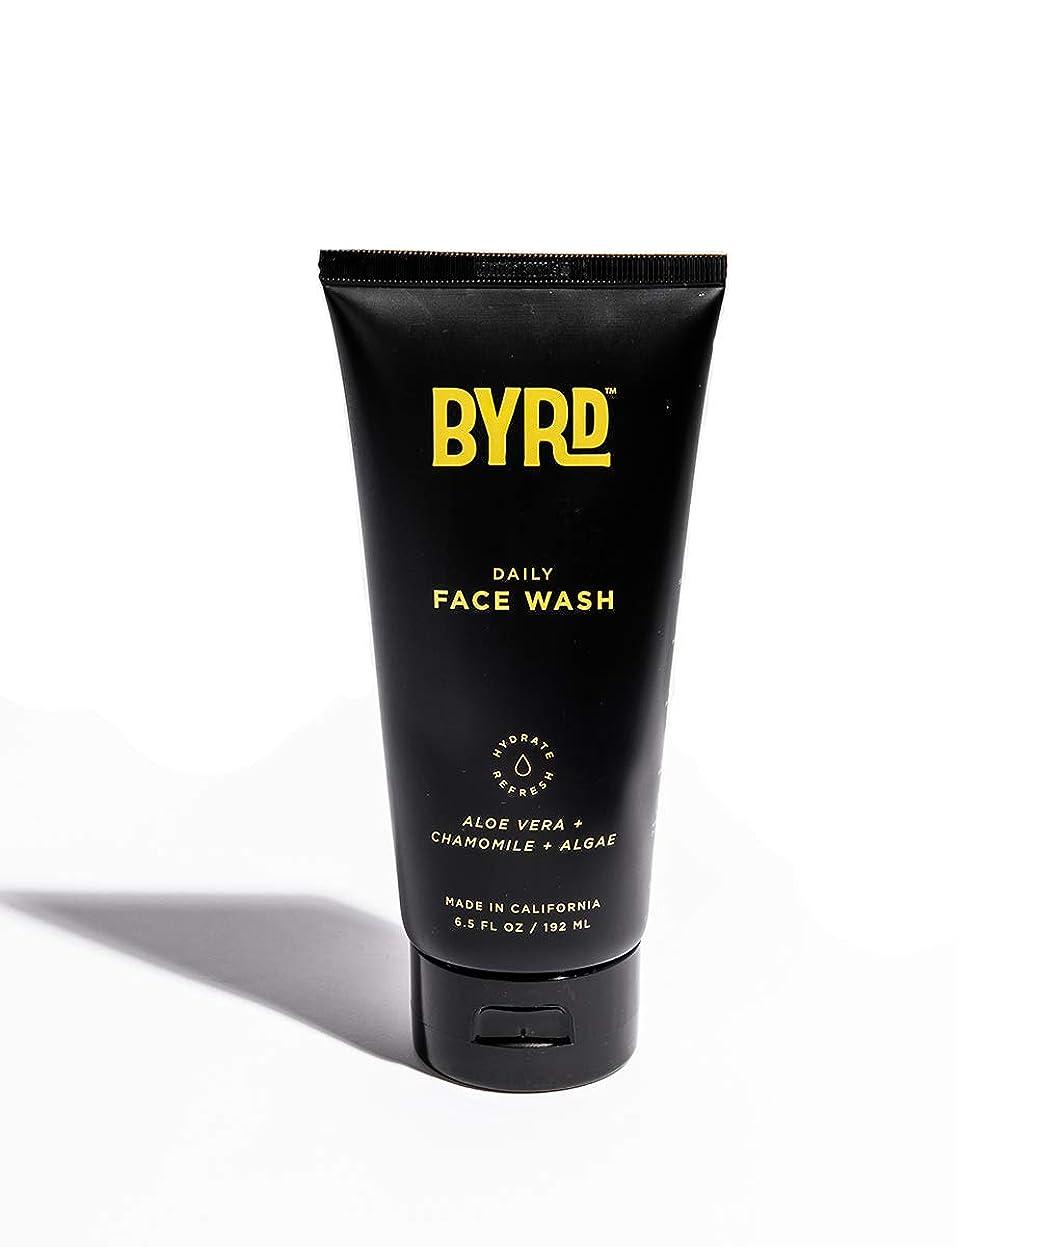 寛容なチラチラする負担BYRD/フェイスウォッシュ メンズコスメ 洗顔 天然成分 スッキリ さっぱり